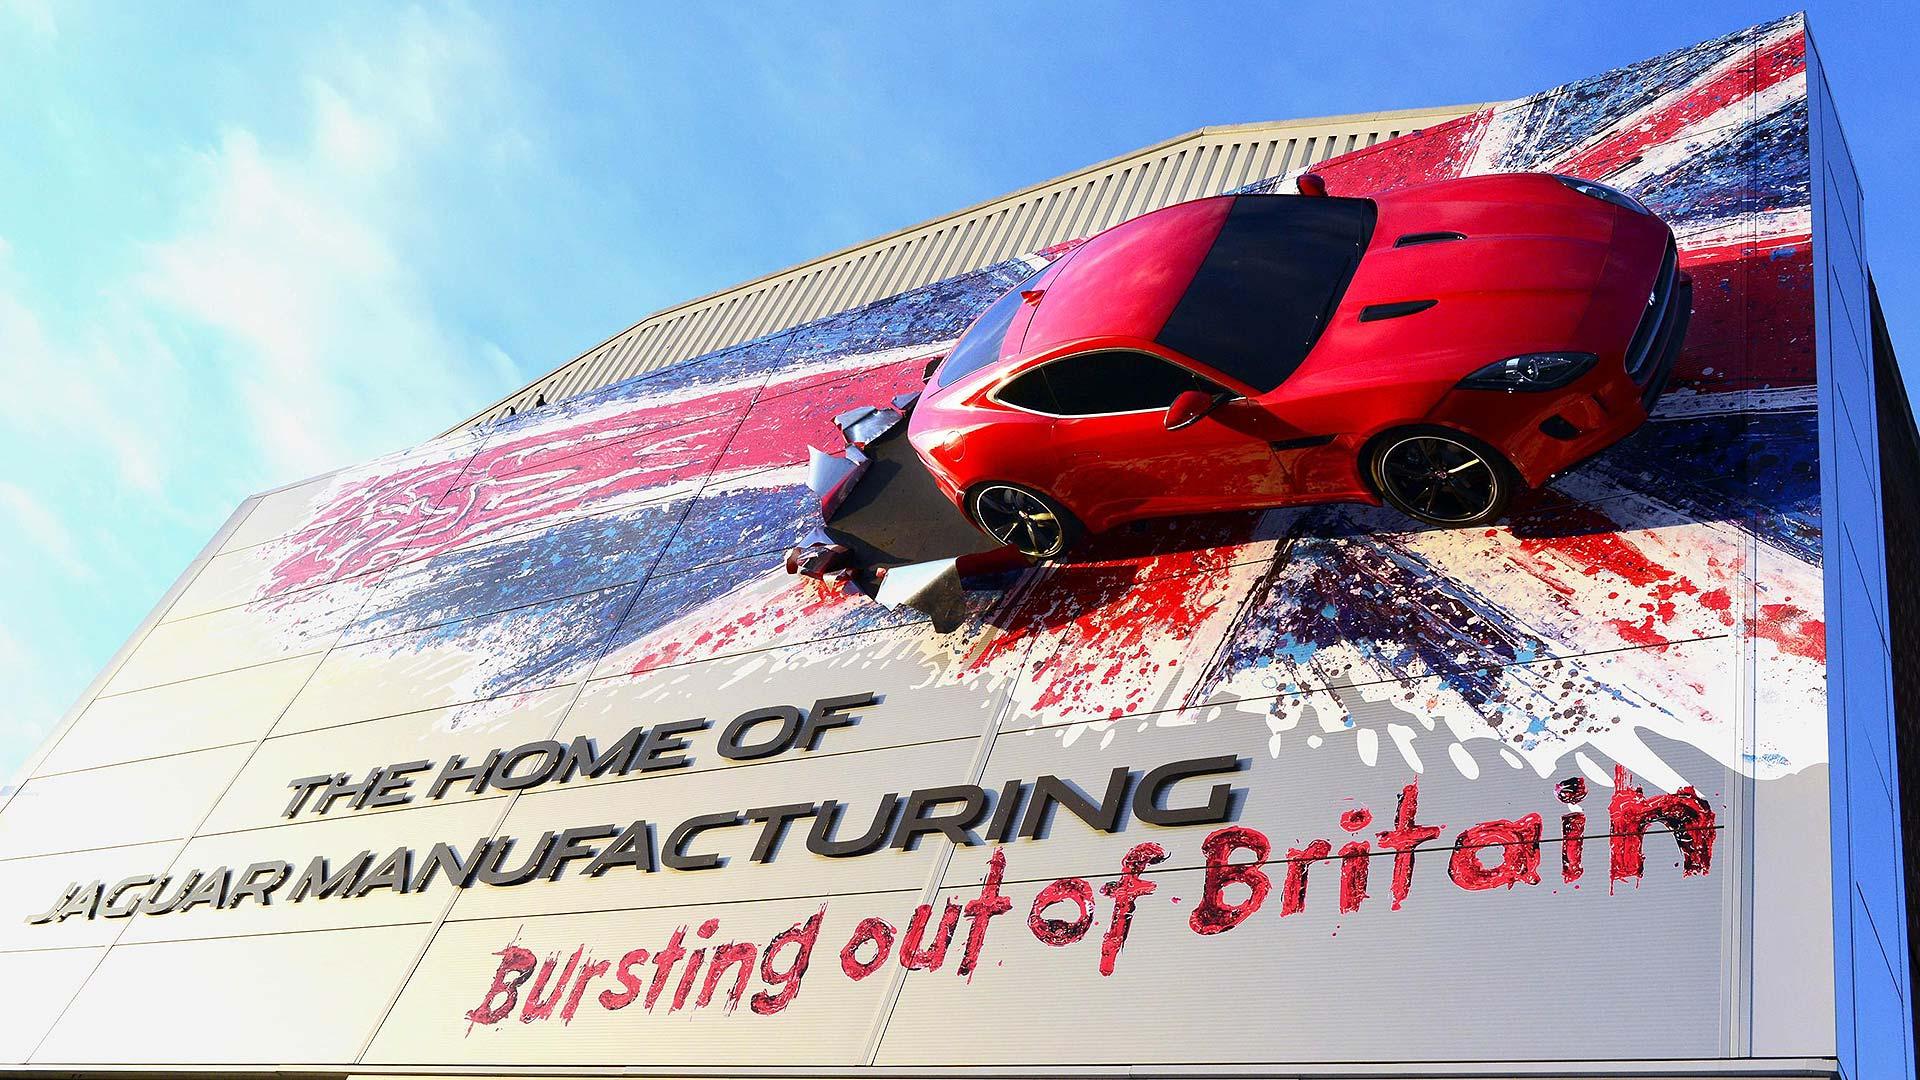 Jaguar F-Type Castle Bromwich wall art